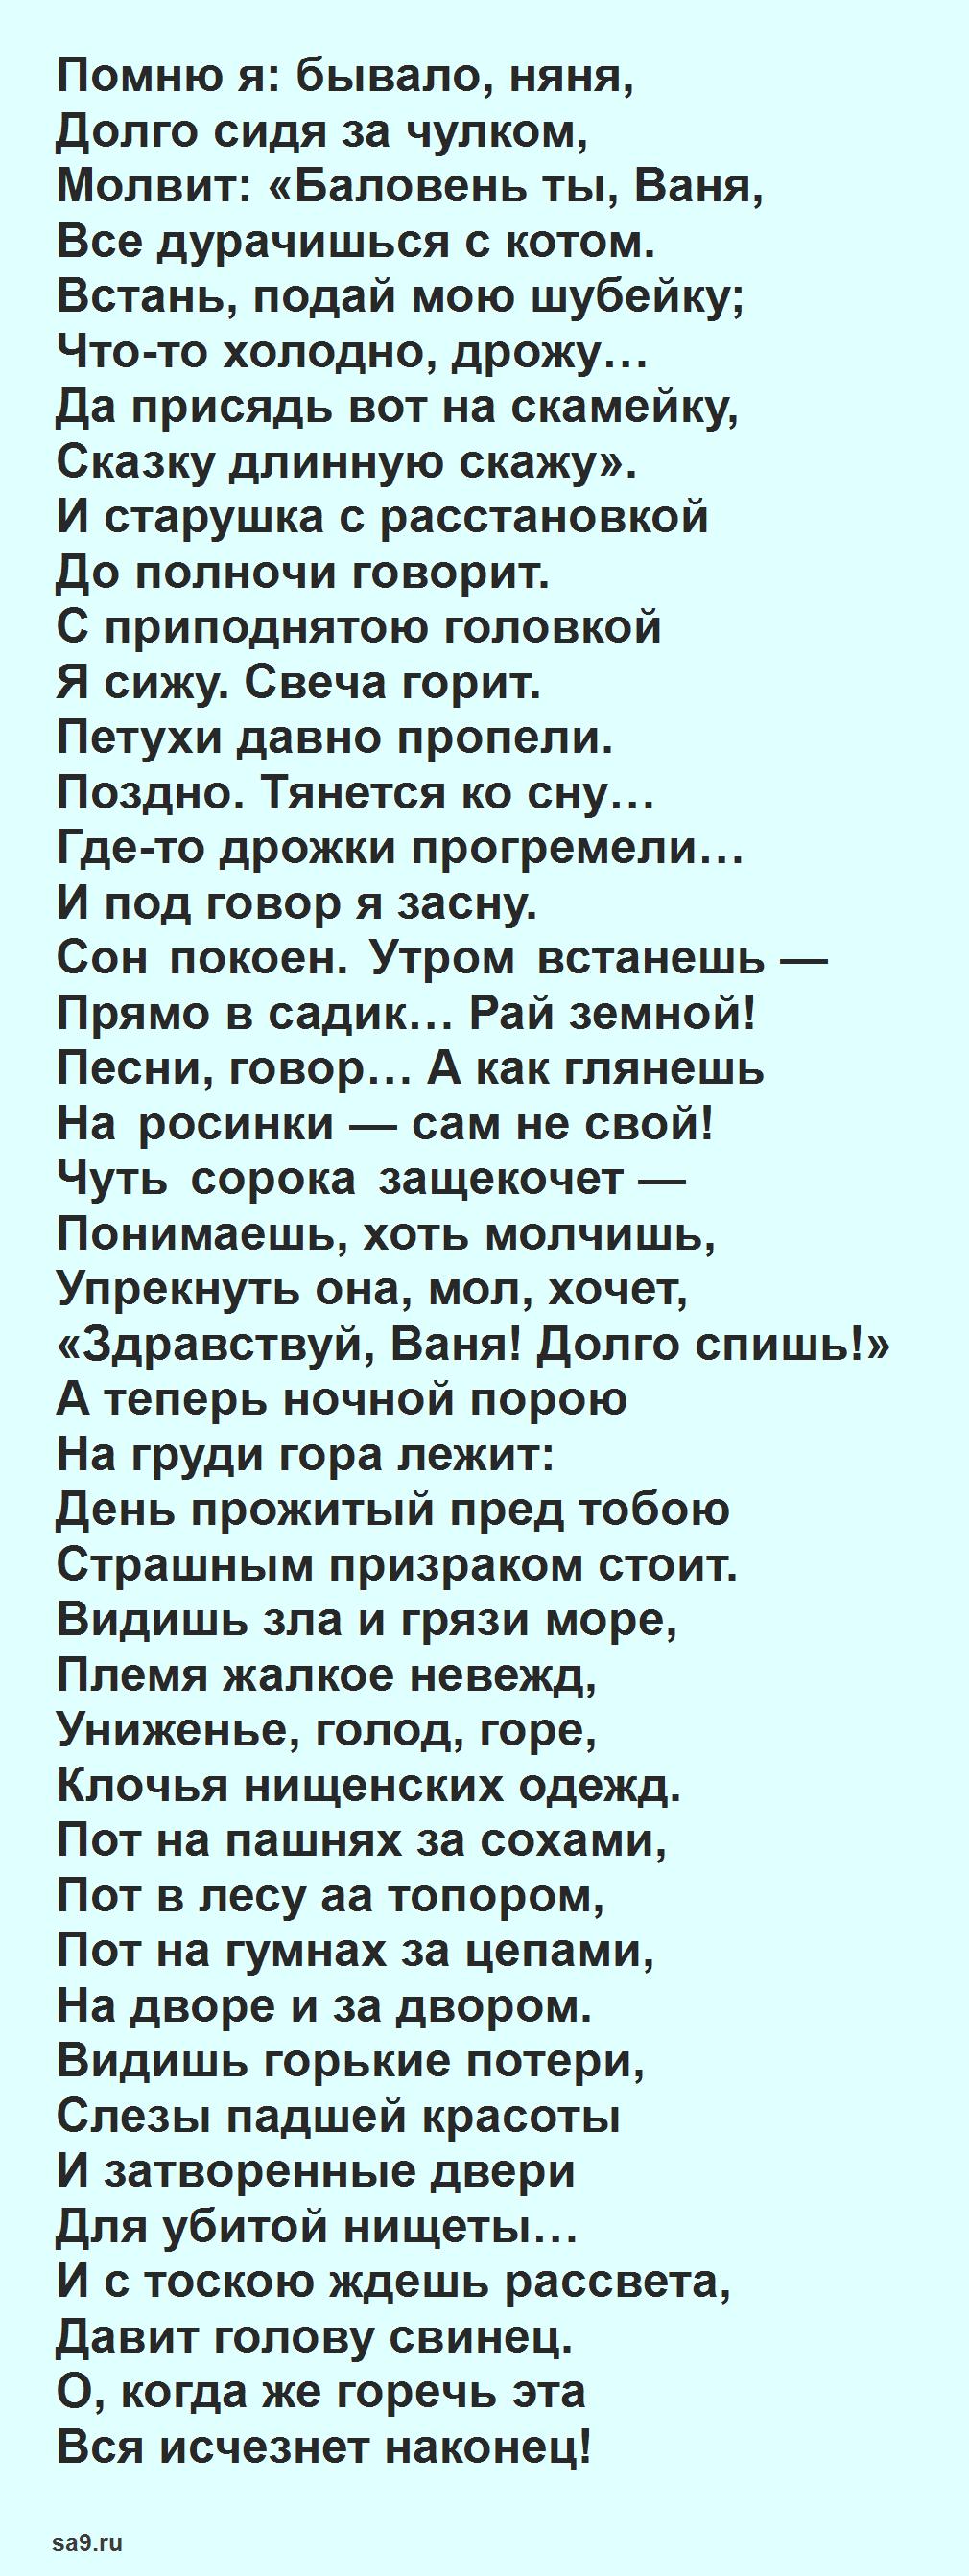 Читать детские стихи Никитина 4 класс - Помню я бывало, няня